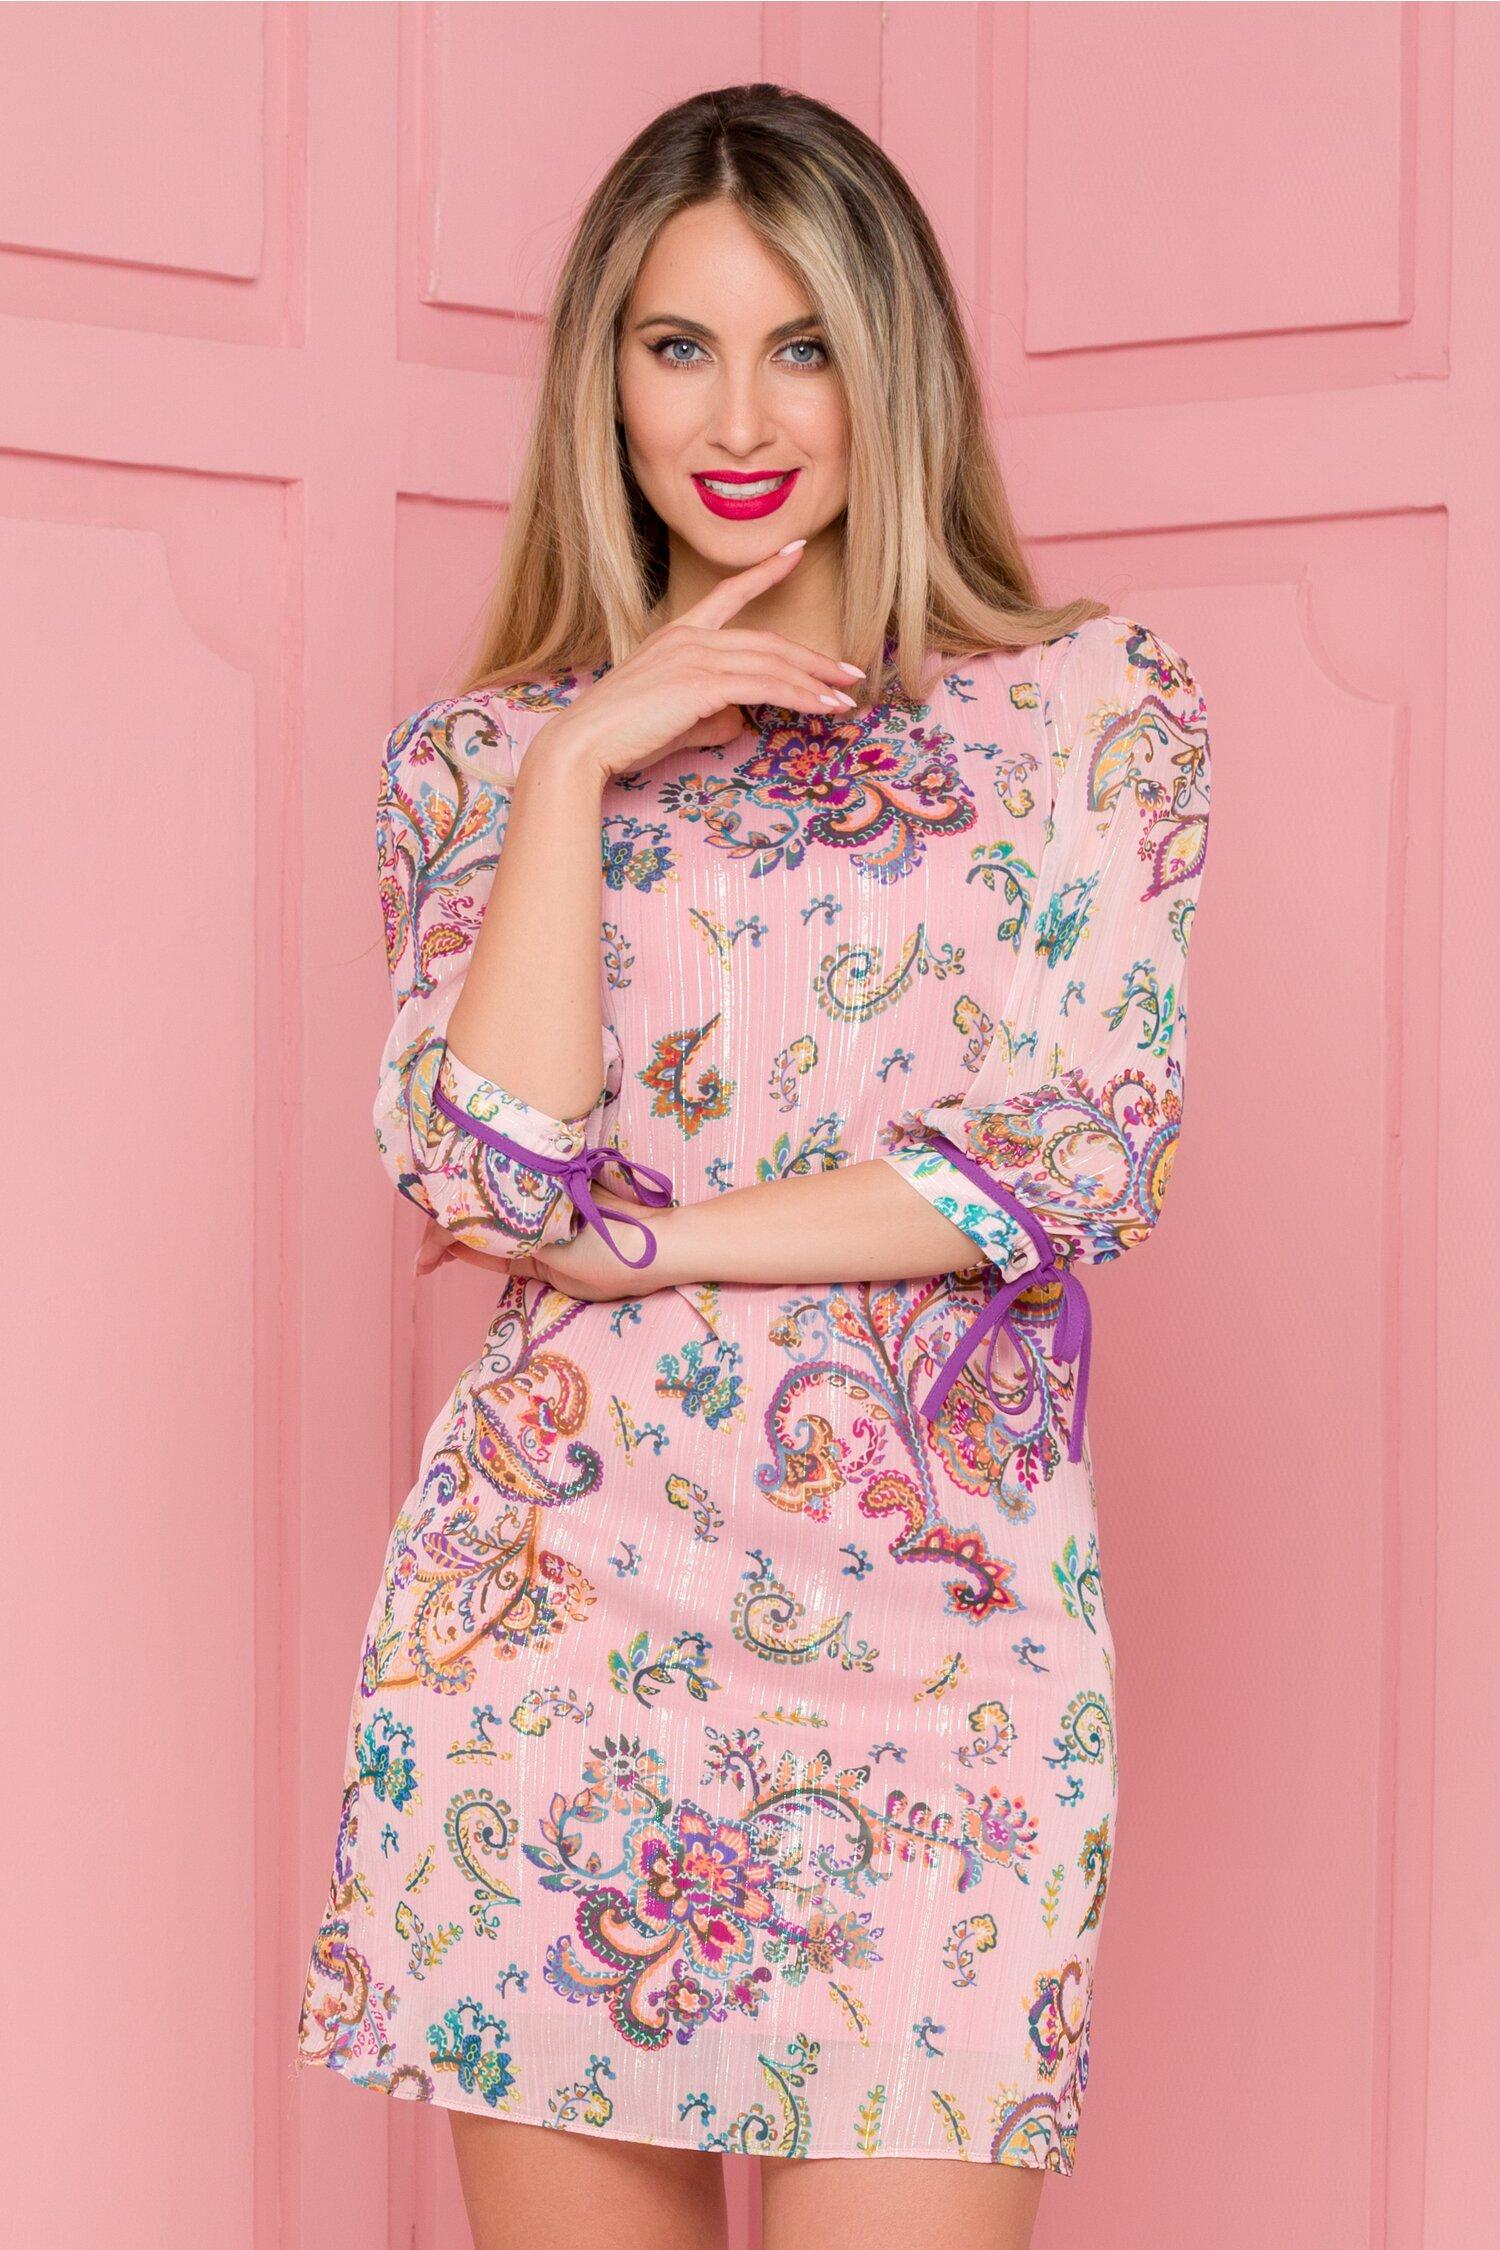 Rochie Candy roz cu imprimeu floral multicolor si insertii din lurex argintiu